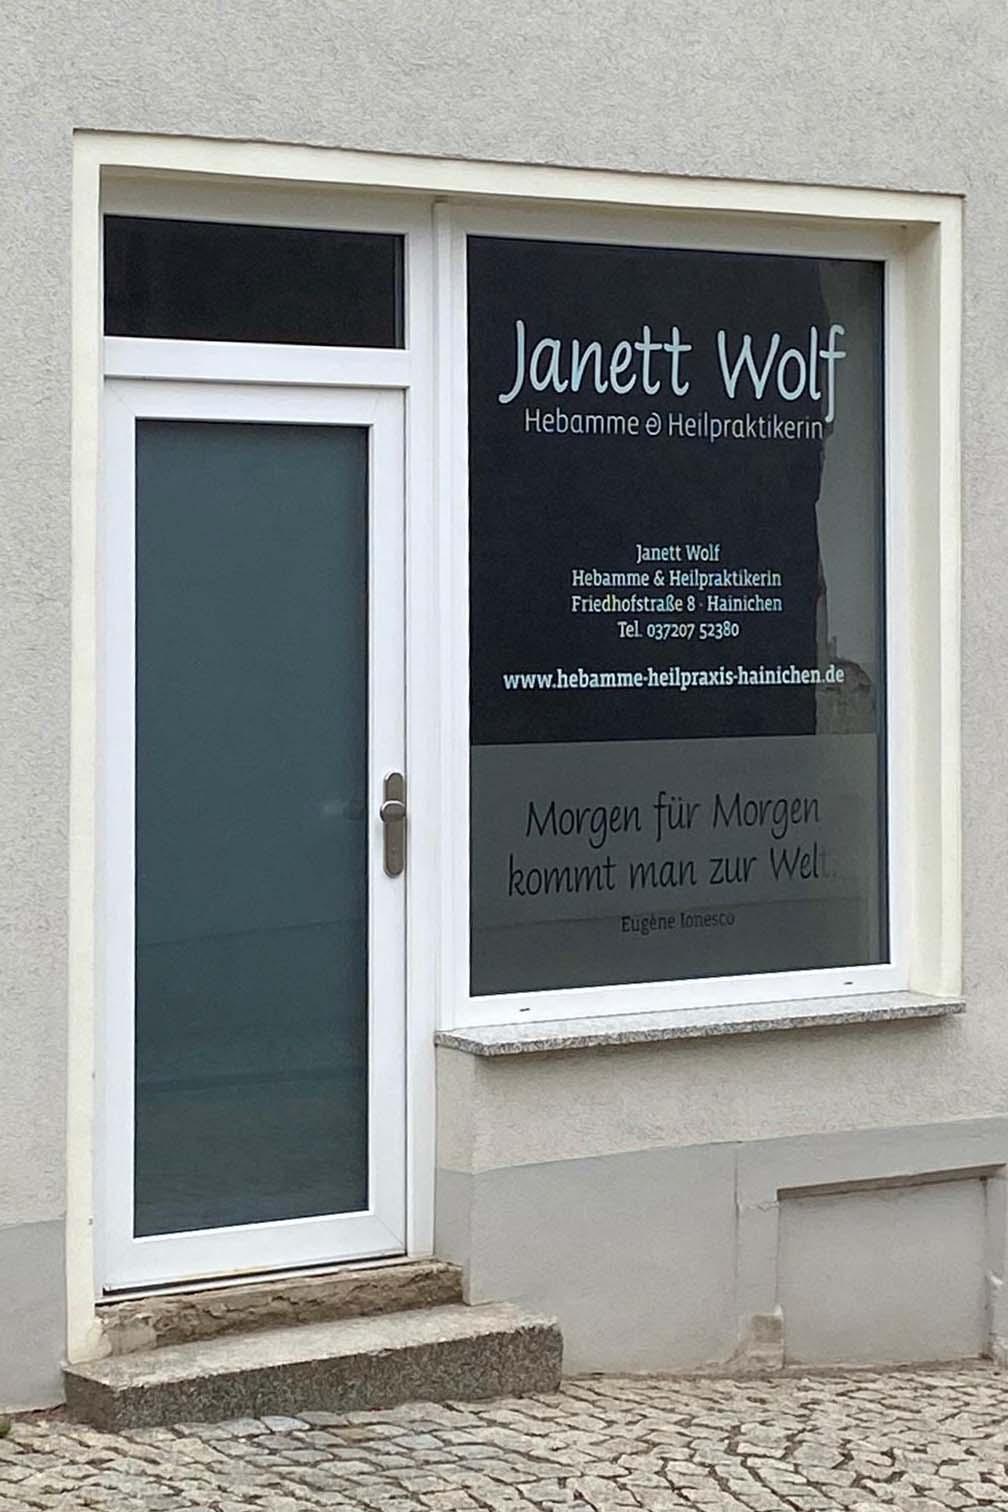 Schaufensterbeschriftung für Hebamme Janett Wolf (Gestaltung)